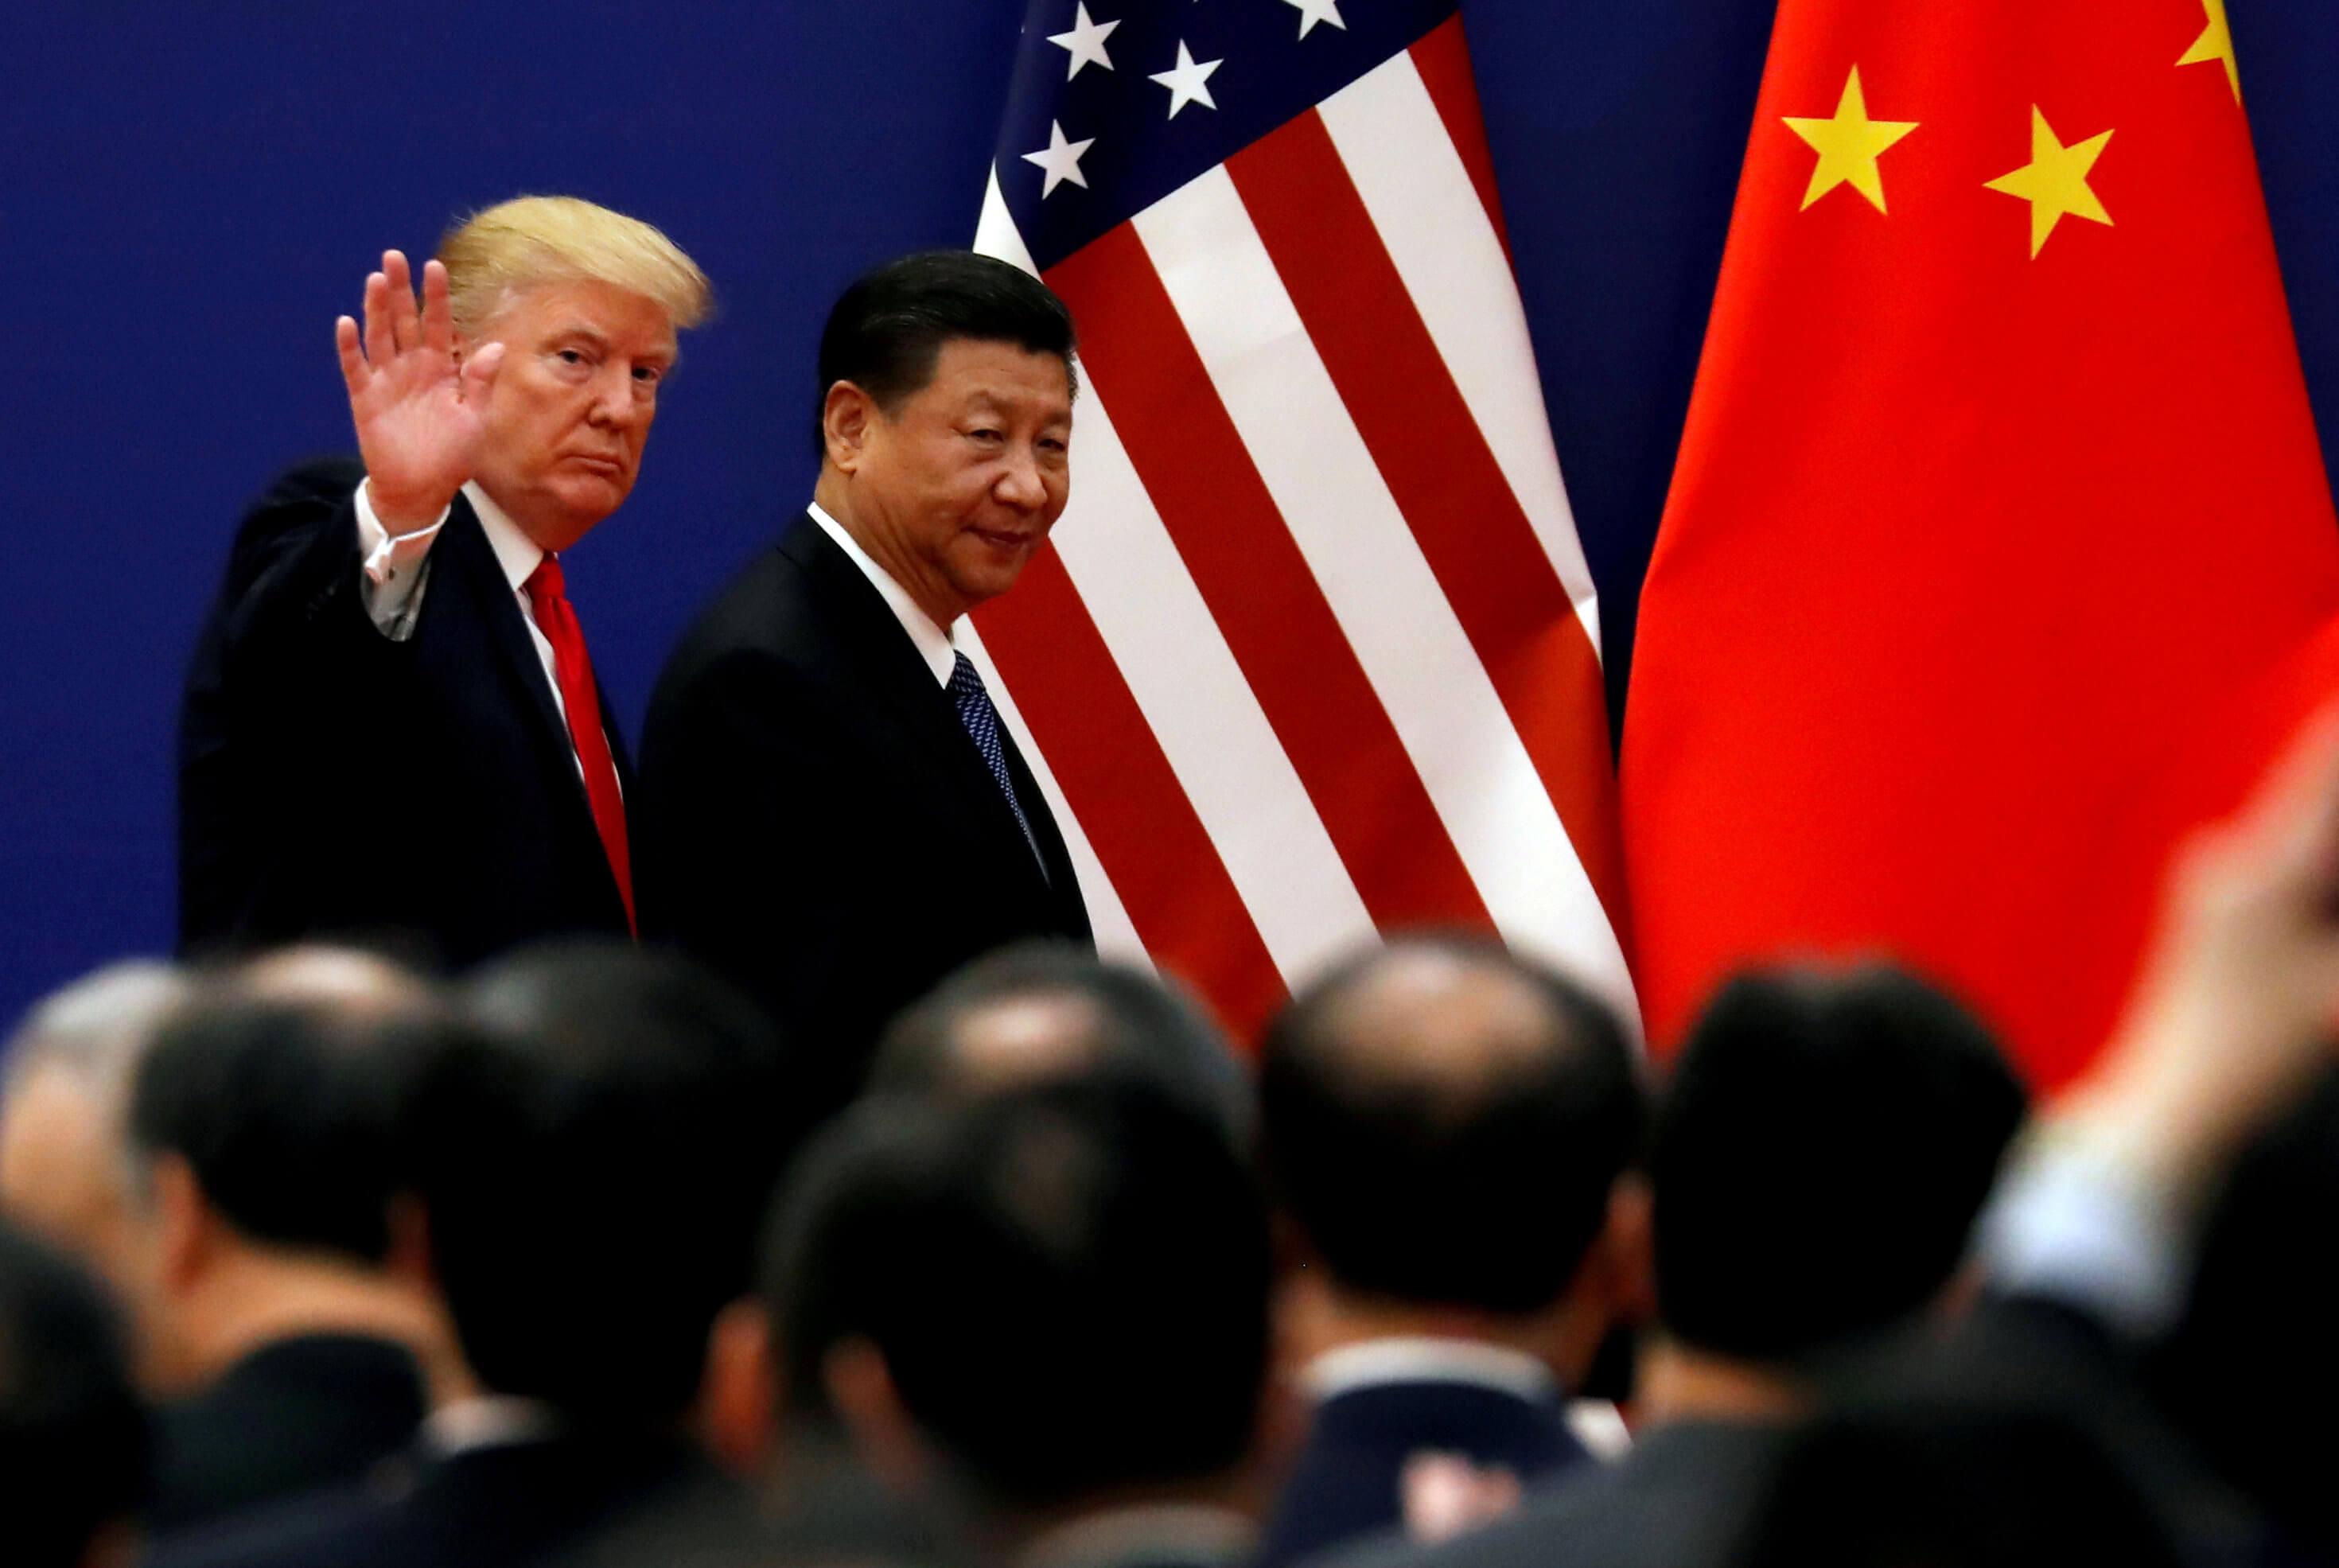 Συμφωνία ΗΠΑ - Κίνας